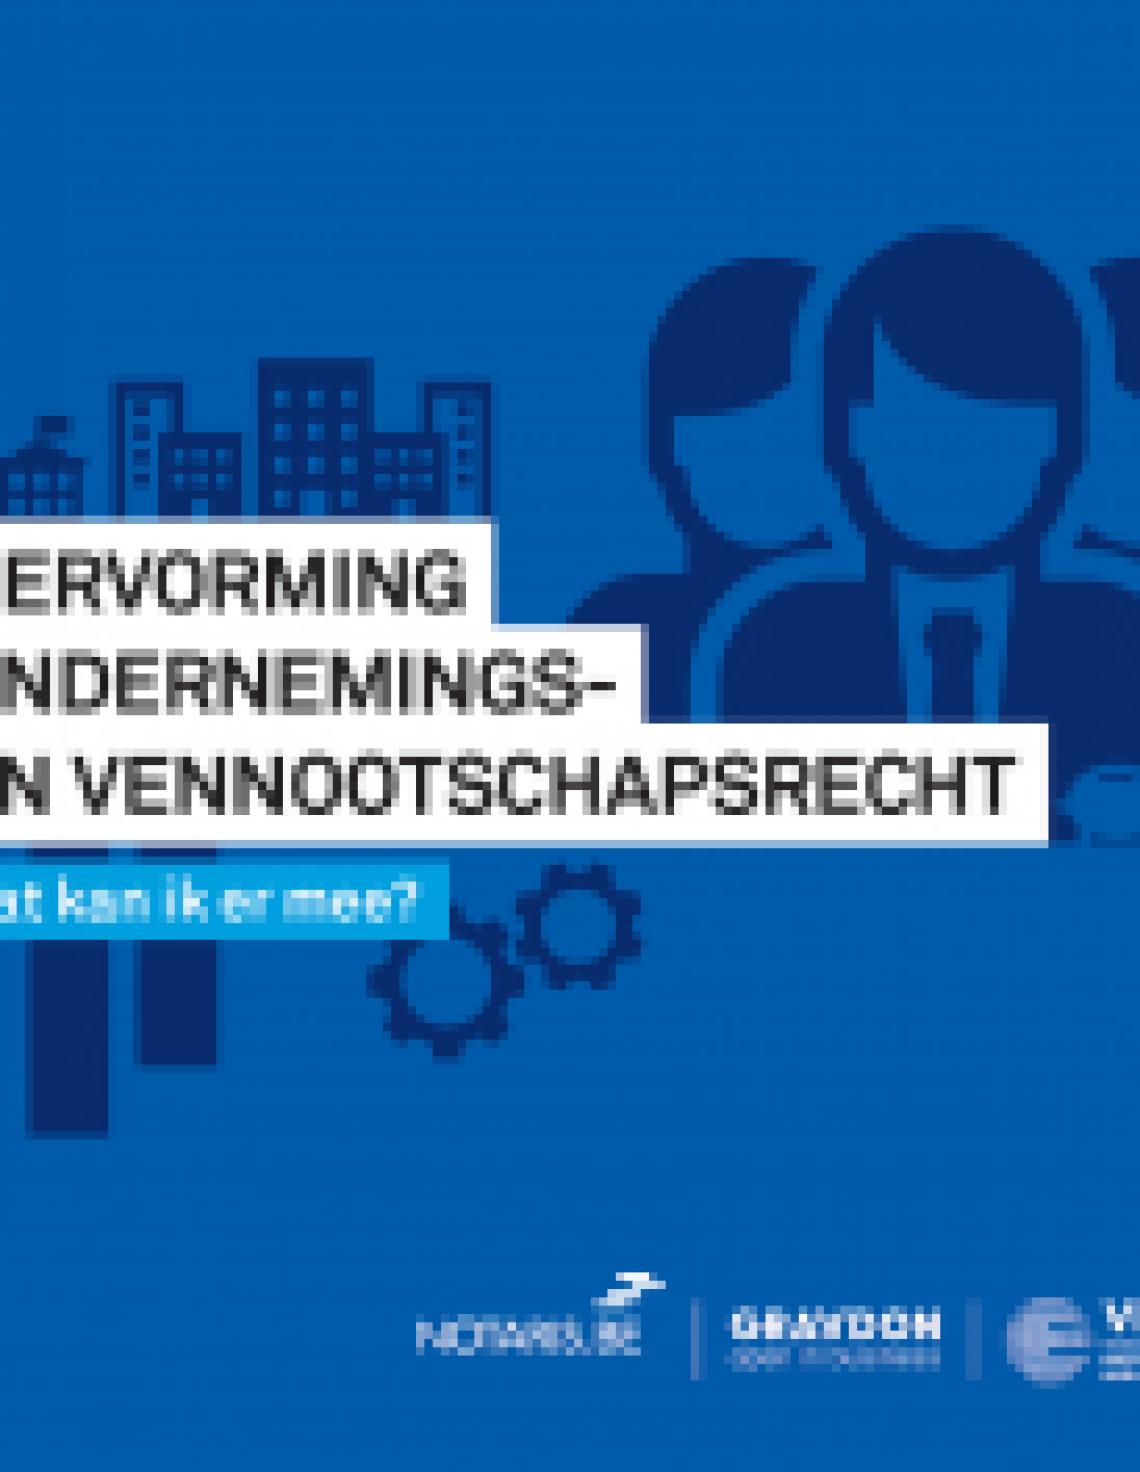 hervorming ondernemings- en vennootschapsrecht